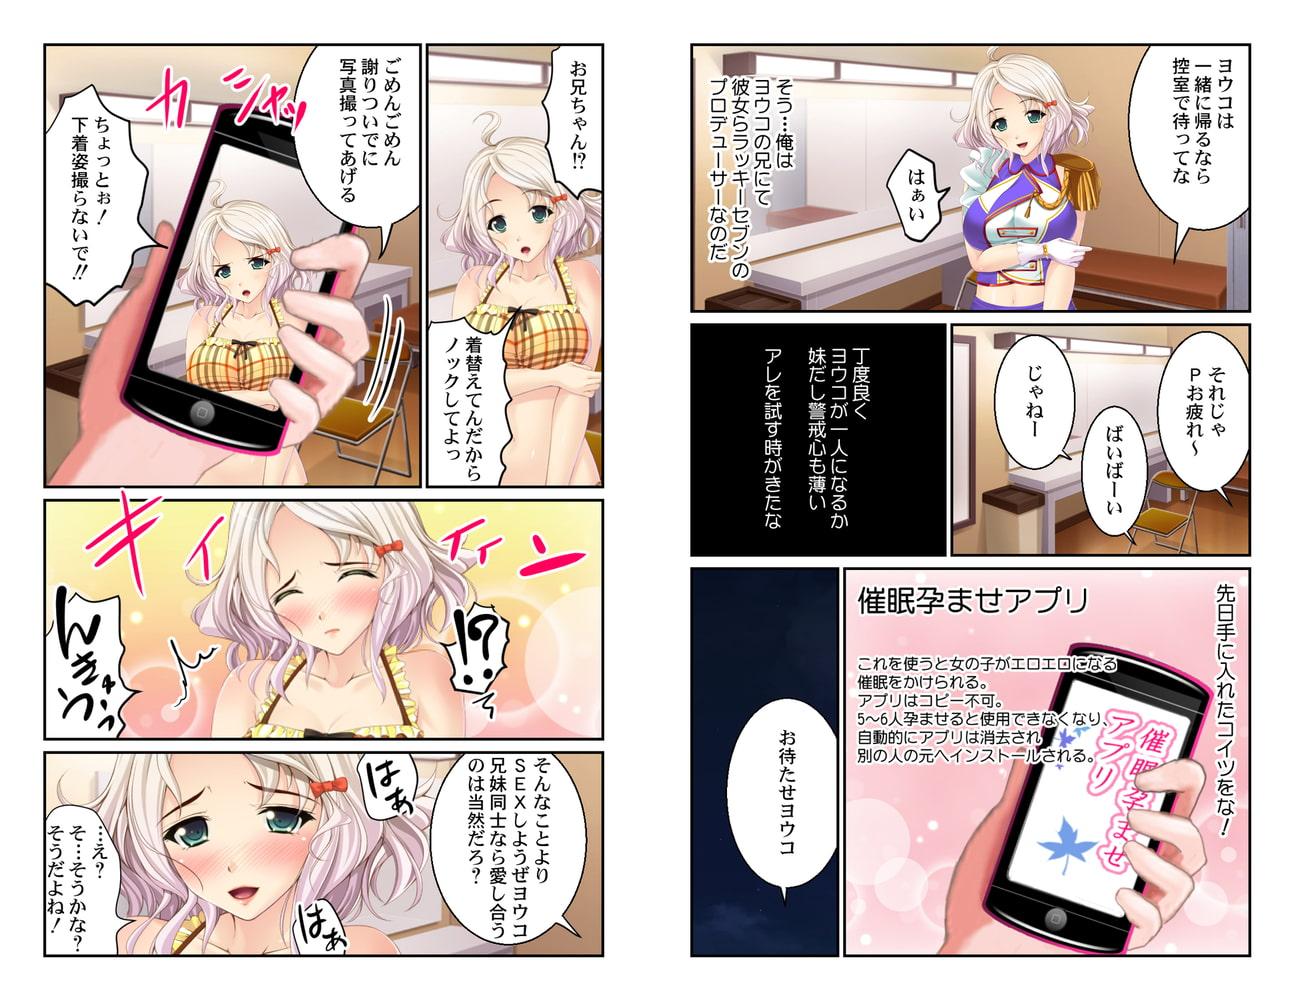 催眠孕ませアプリ~JKもアイドルもみんないっしょにエロエロハーレム~ 5巻